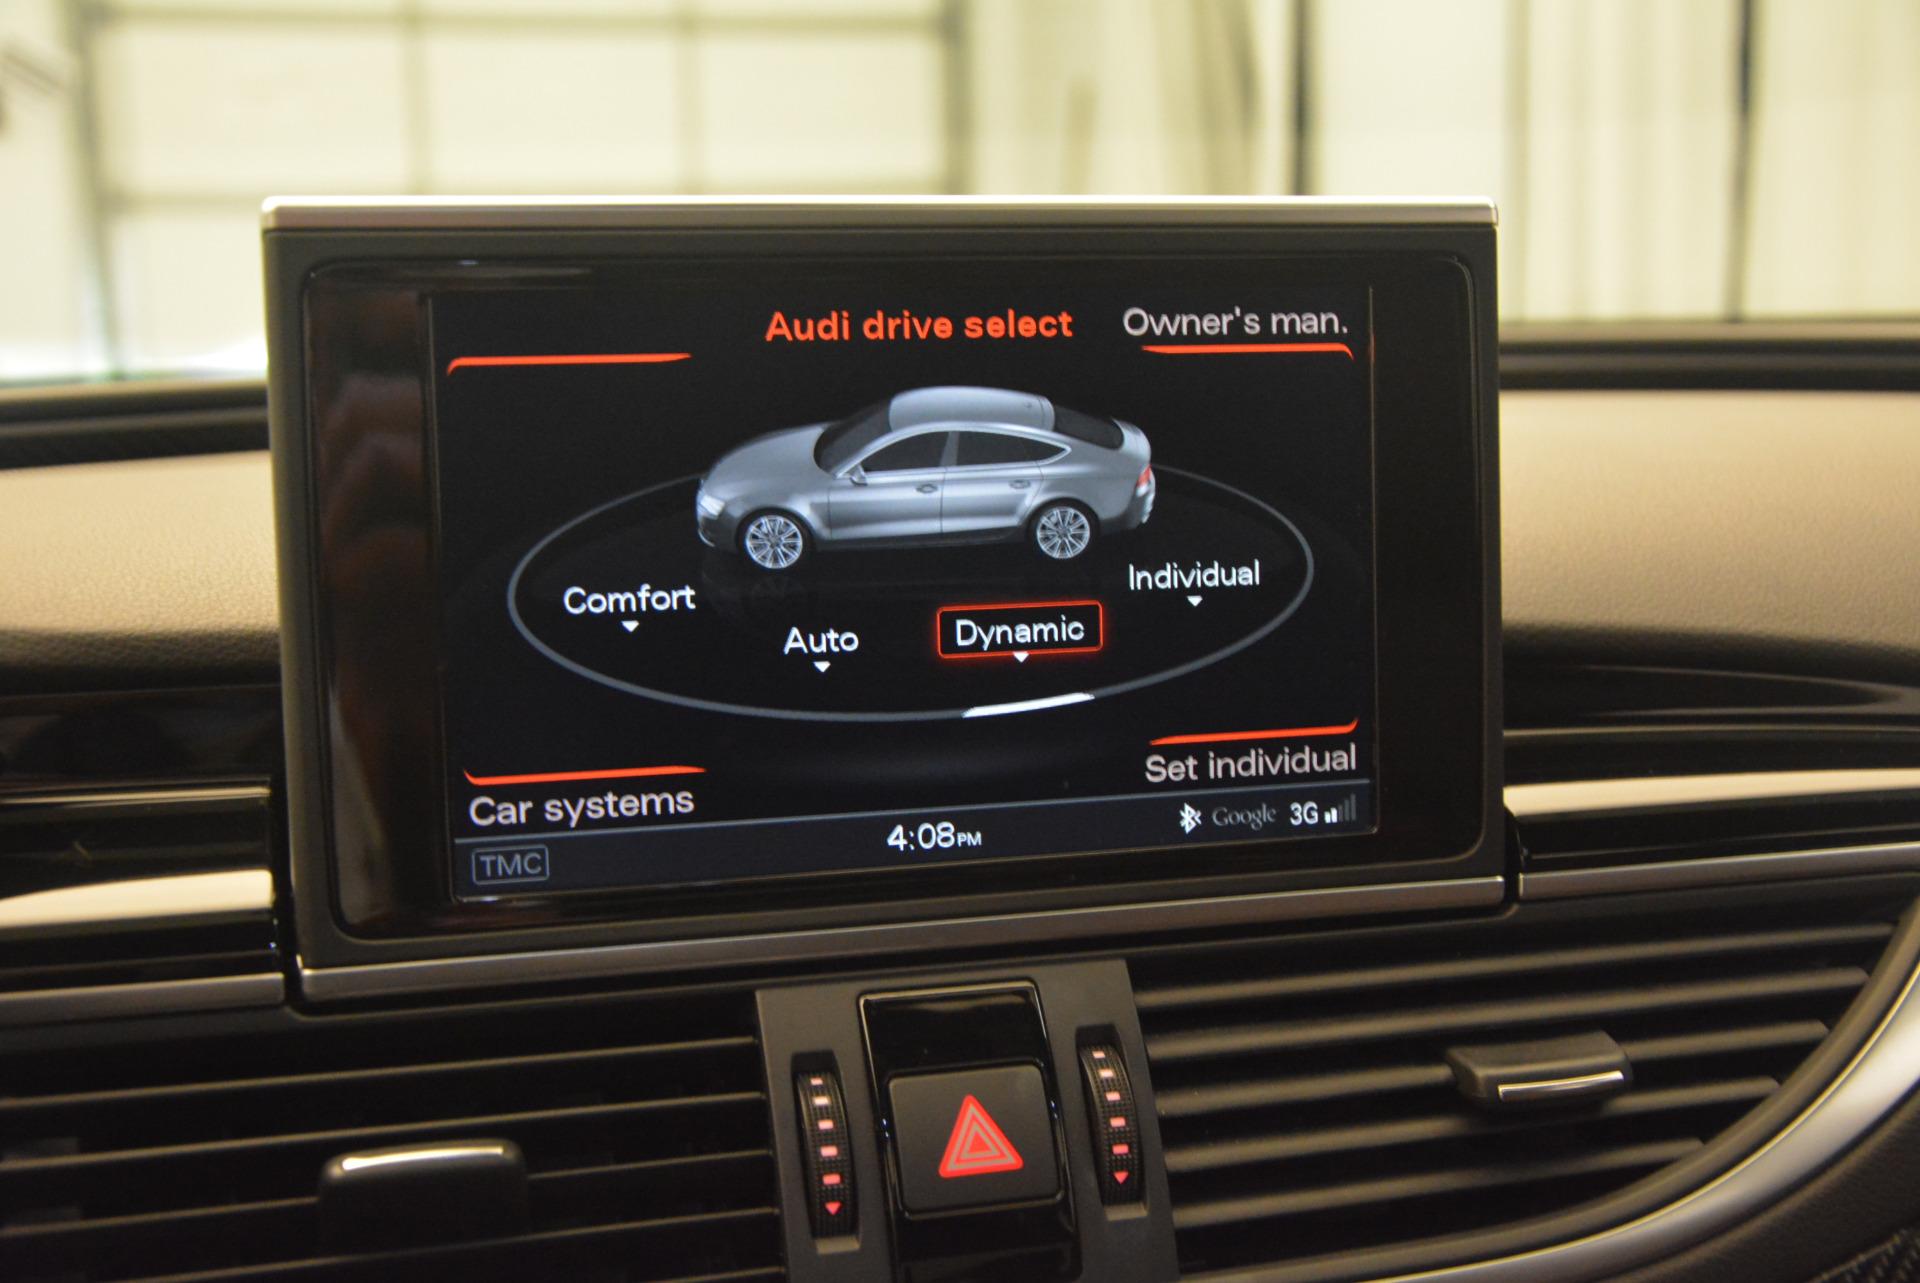 Used 2014 Audi RS 7 4.0T quattro Prestige For Sale In Greenwich, CT 1262_p27